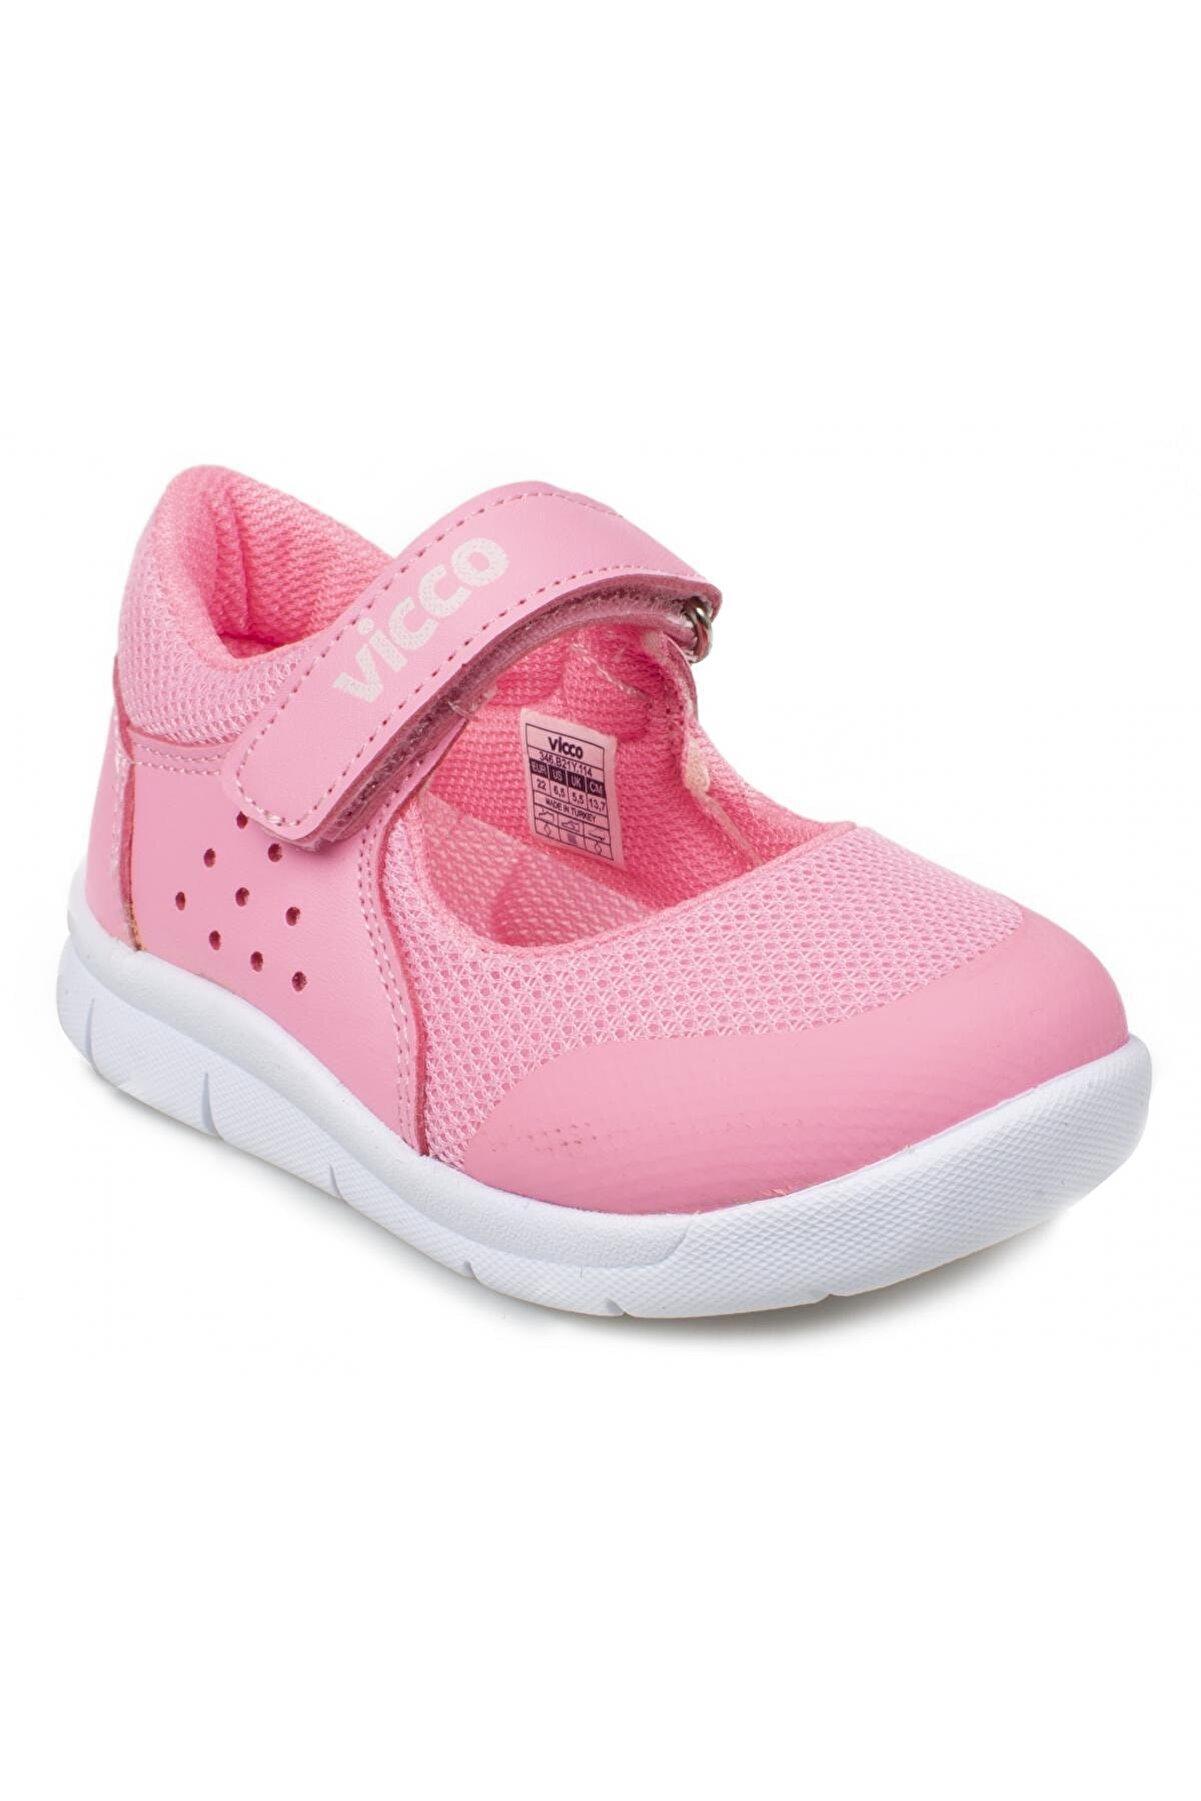 Vicco Lucy Ilk Adım Phylon Pembe Çocuk Ayakkabı